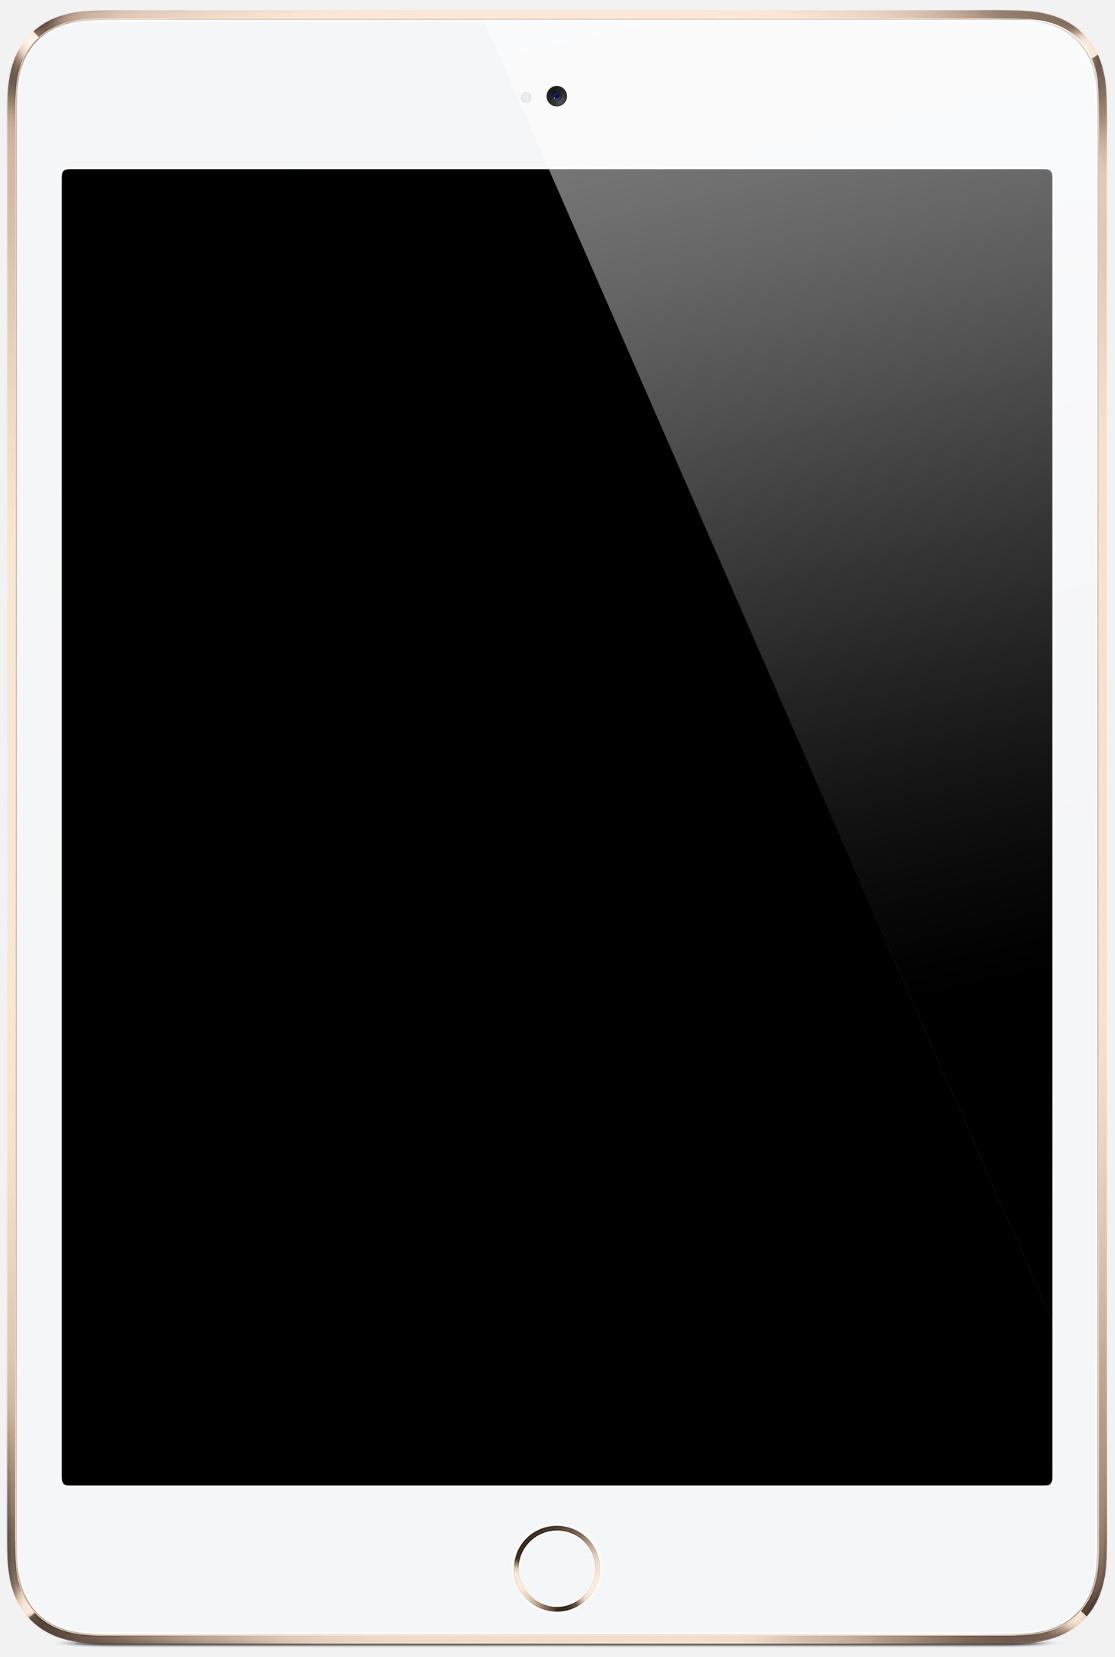 Ipad Png image #23923 - Ipad PNG